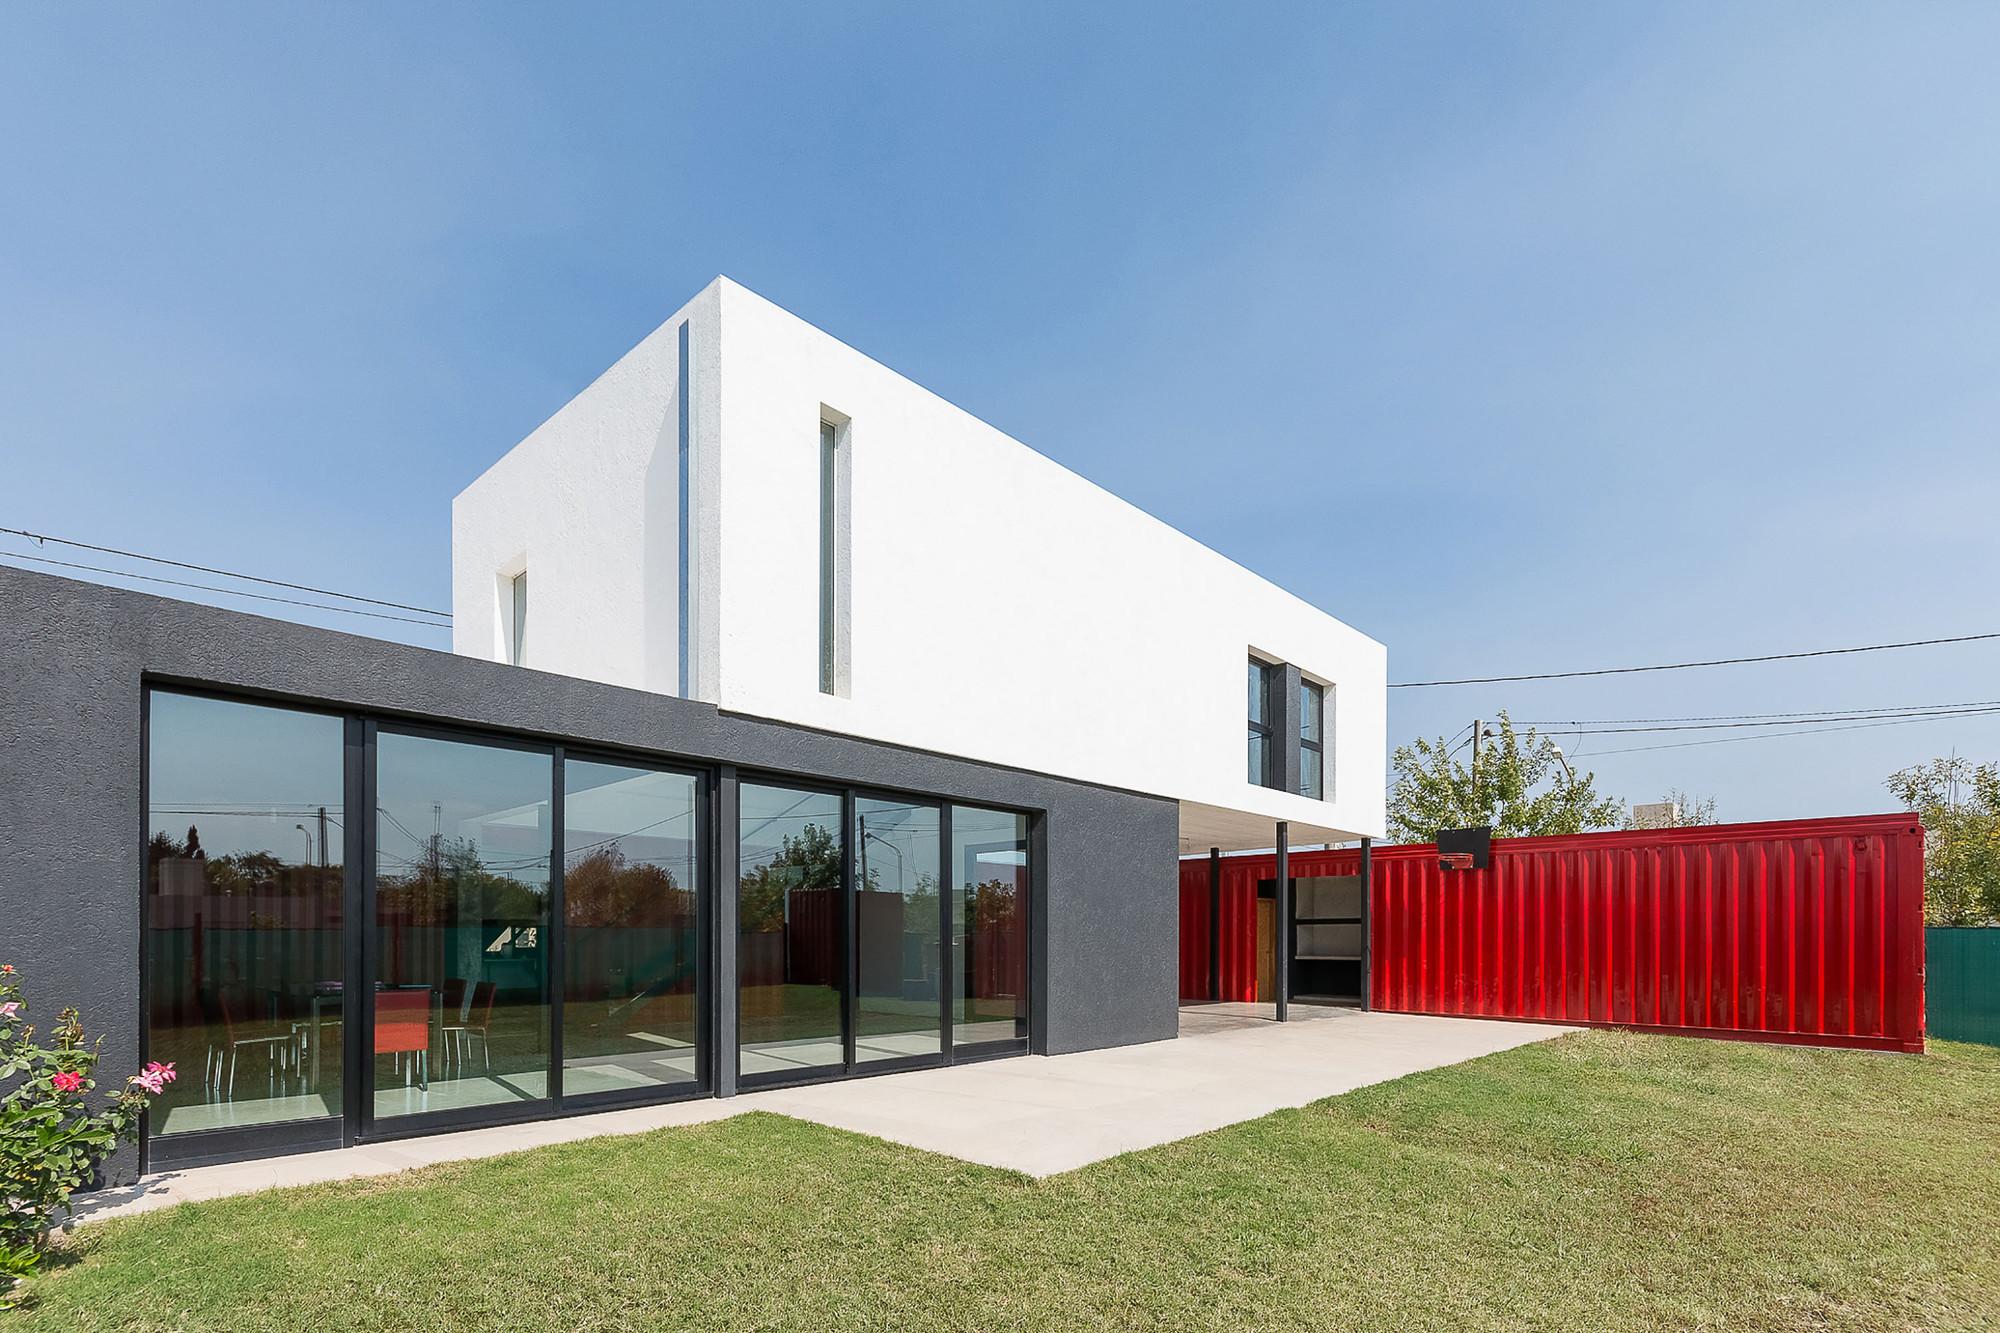 Casa Container / José Schreiber Arquitecto ArchDaily Brasil #B9121A 2000x1333 Banheiro Container De Luxo